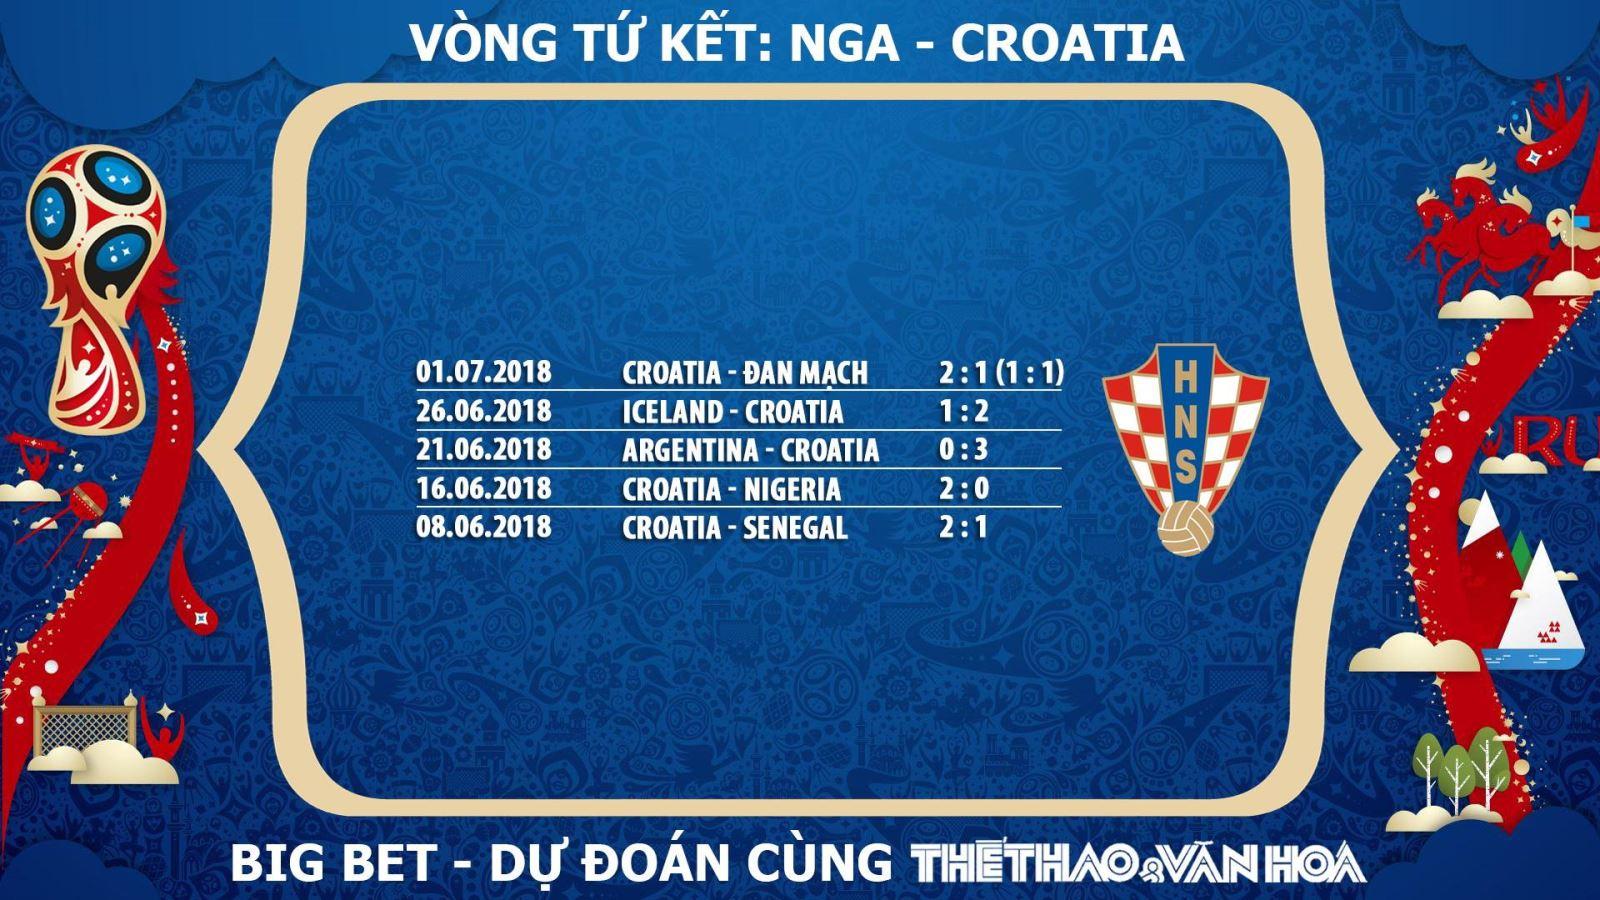 Dự đoán Croatia, nhận định Croatia, soi kèo Croatia, chọn kèo Croatia, tỉ lệ cá cược Croatia, chọn cửa Croatia, trực tiếp Croatia, xem trực tiếp Croatia, phong độ của Croatia, Croatia lọt vào Tứ kết, Croatia lọt vào Bán kết World Cup 2018